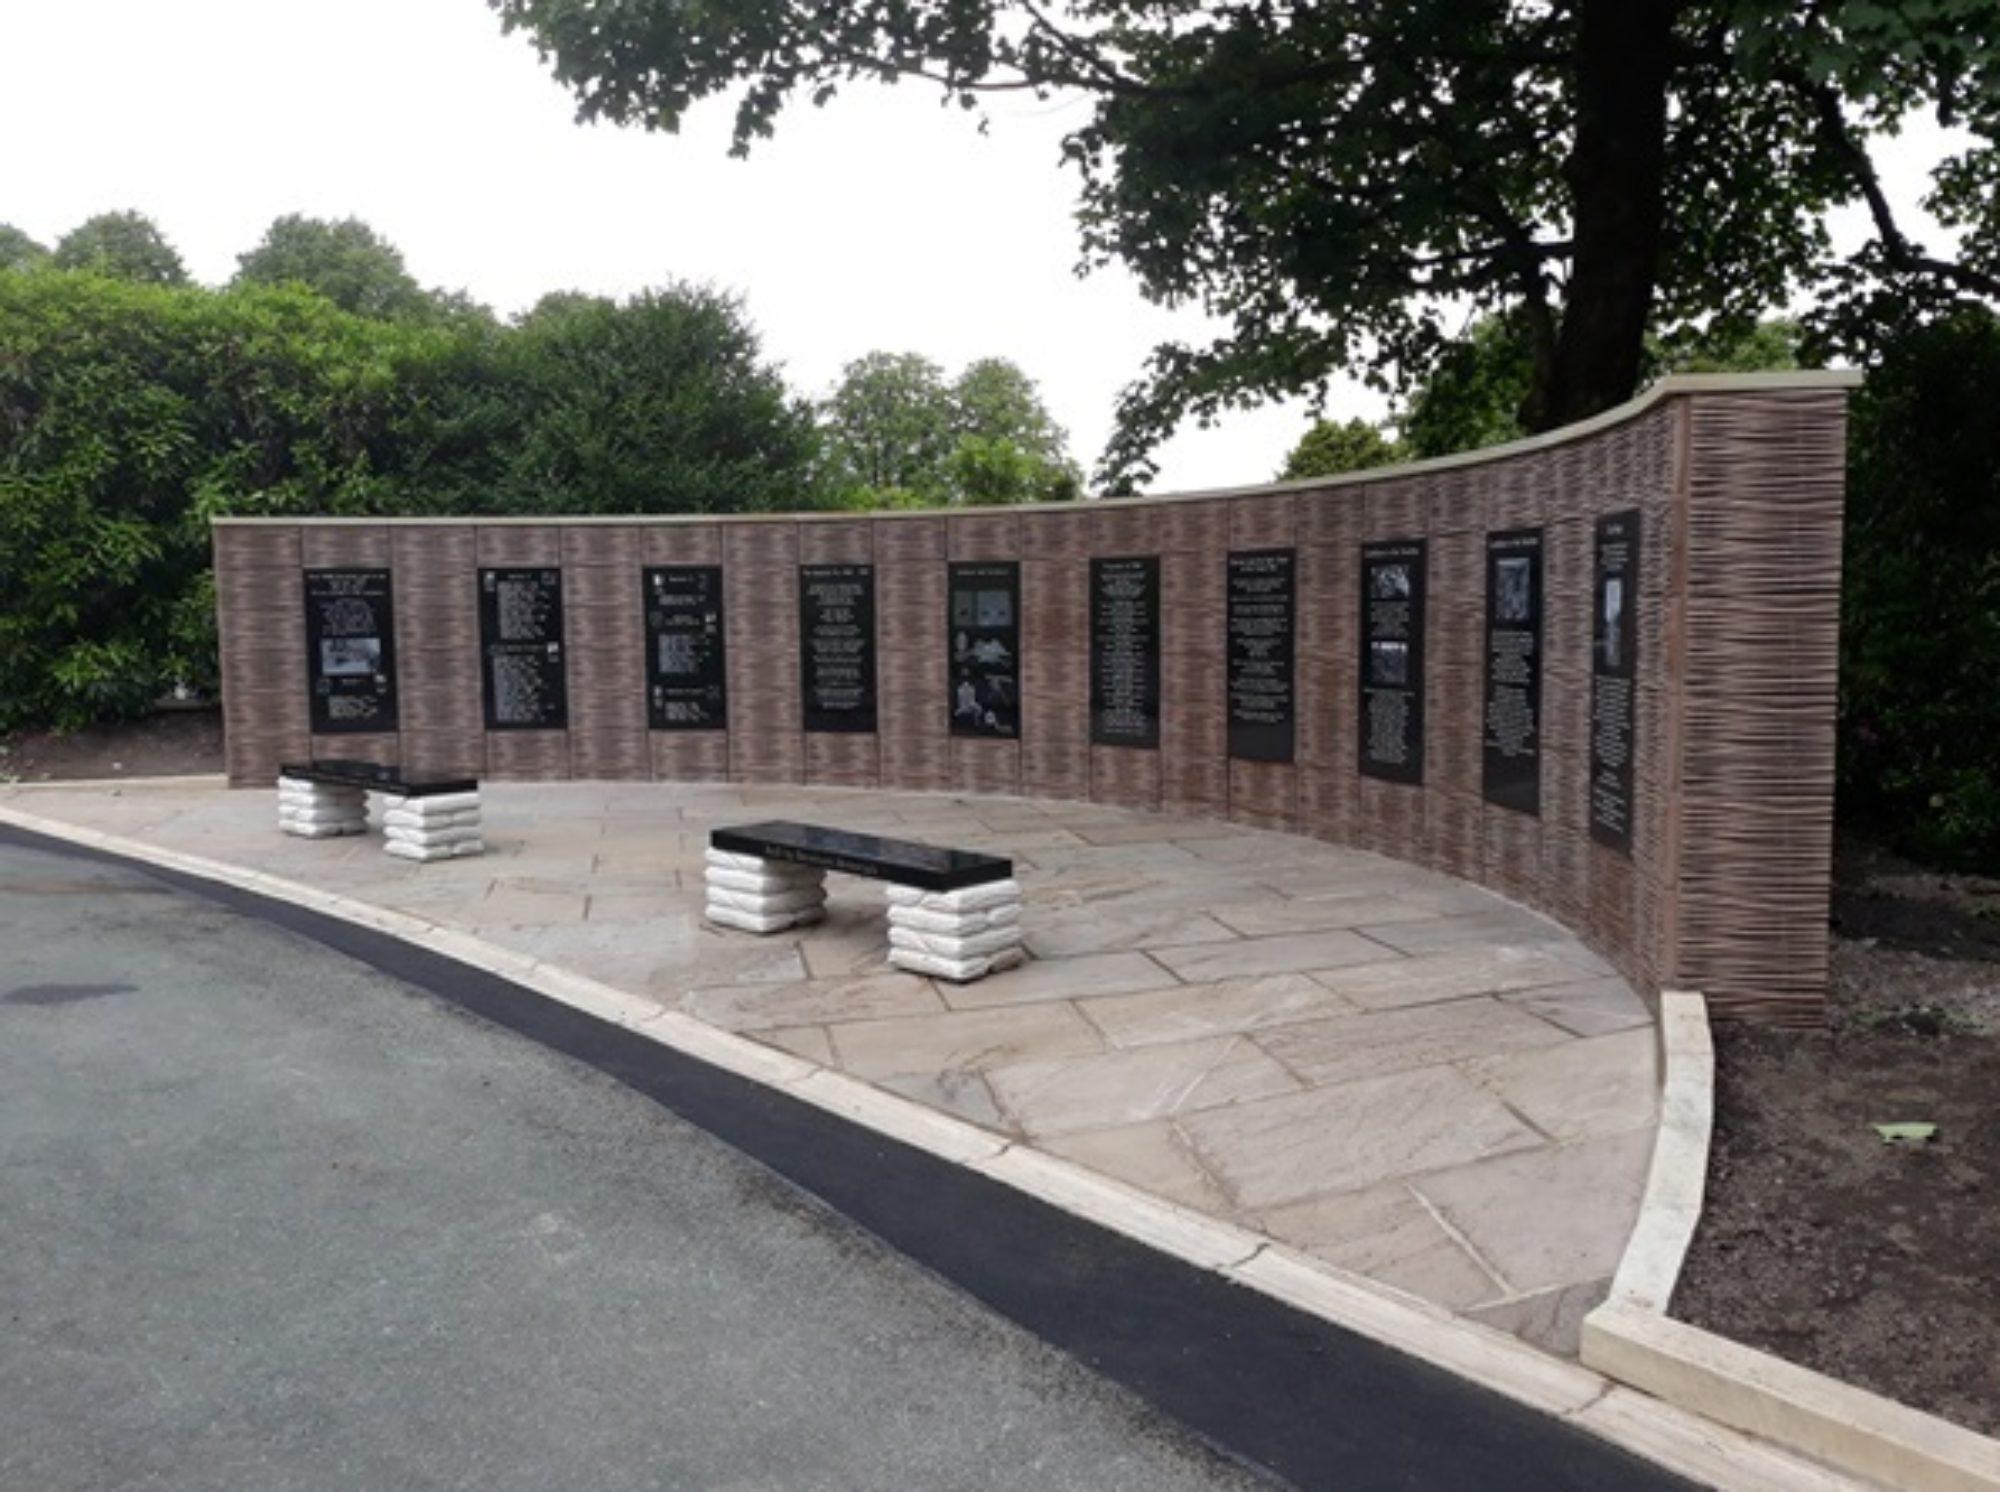 Friends of Darwen Cemetery